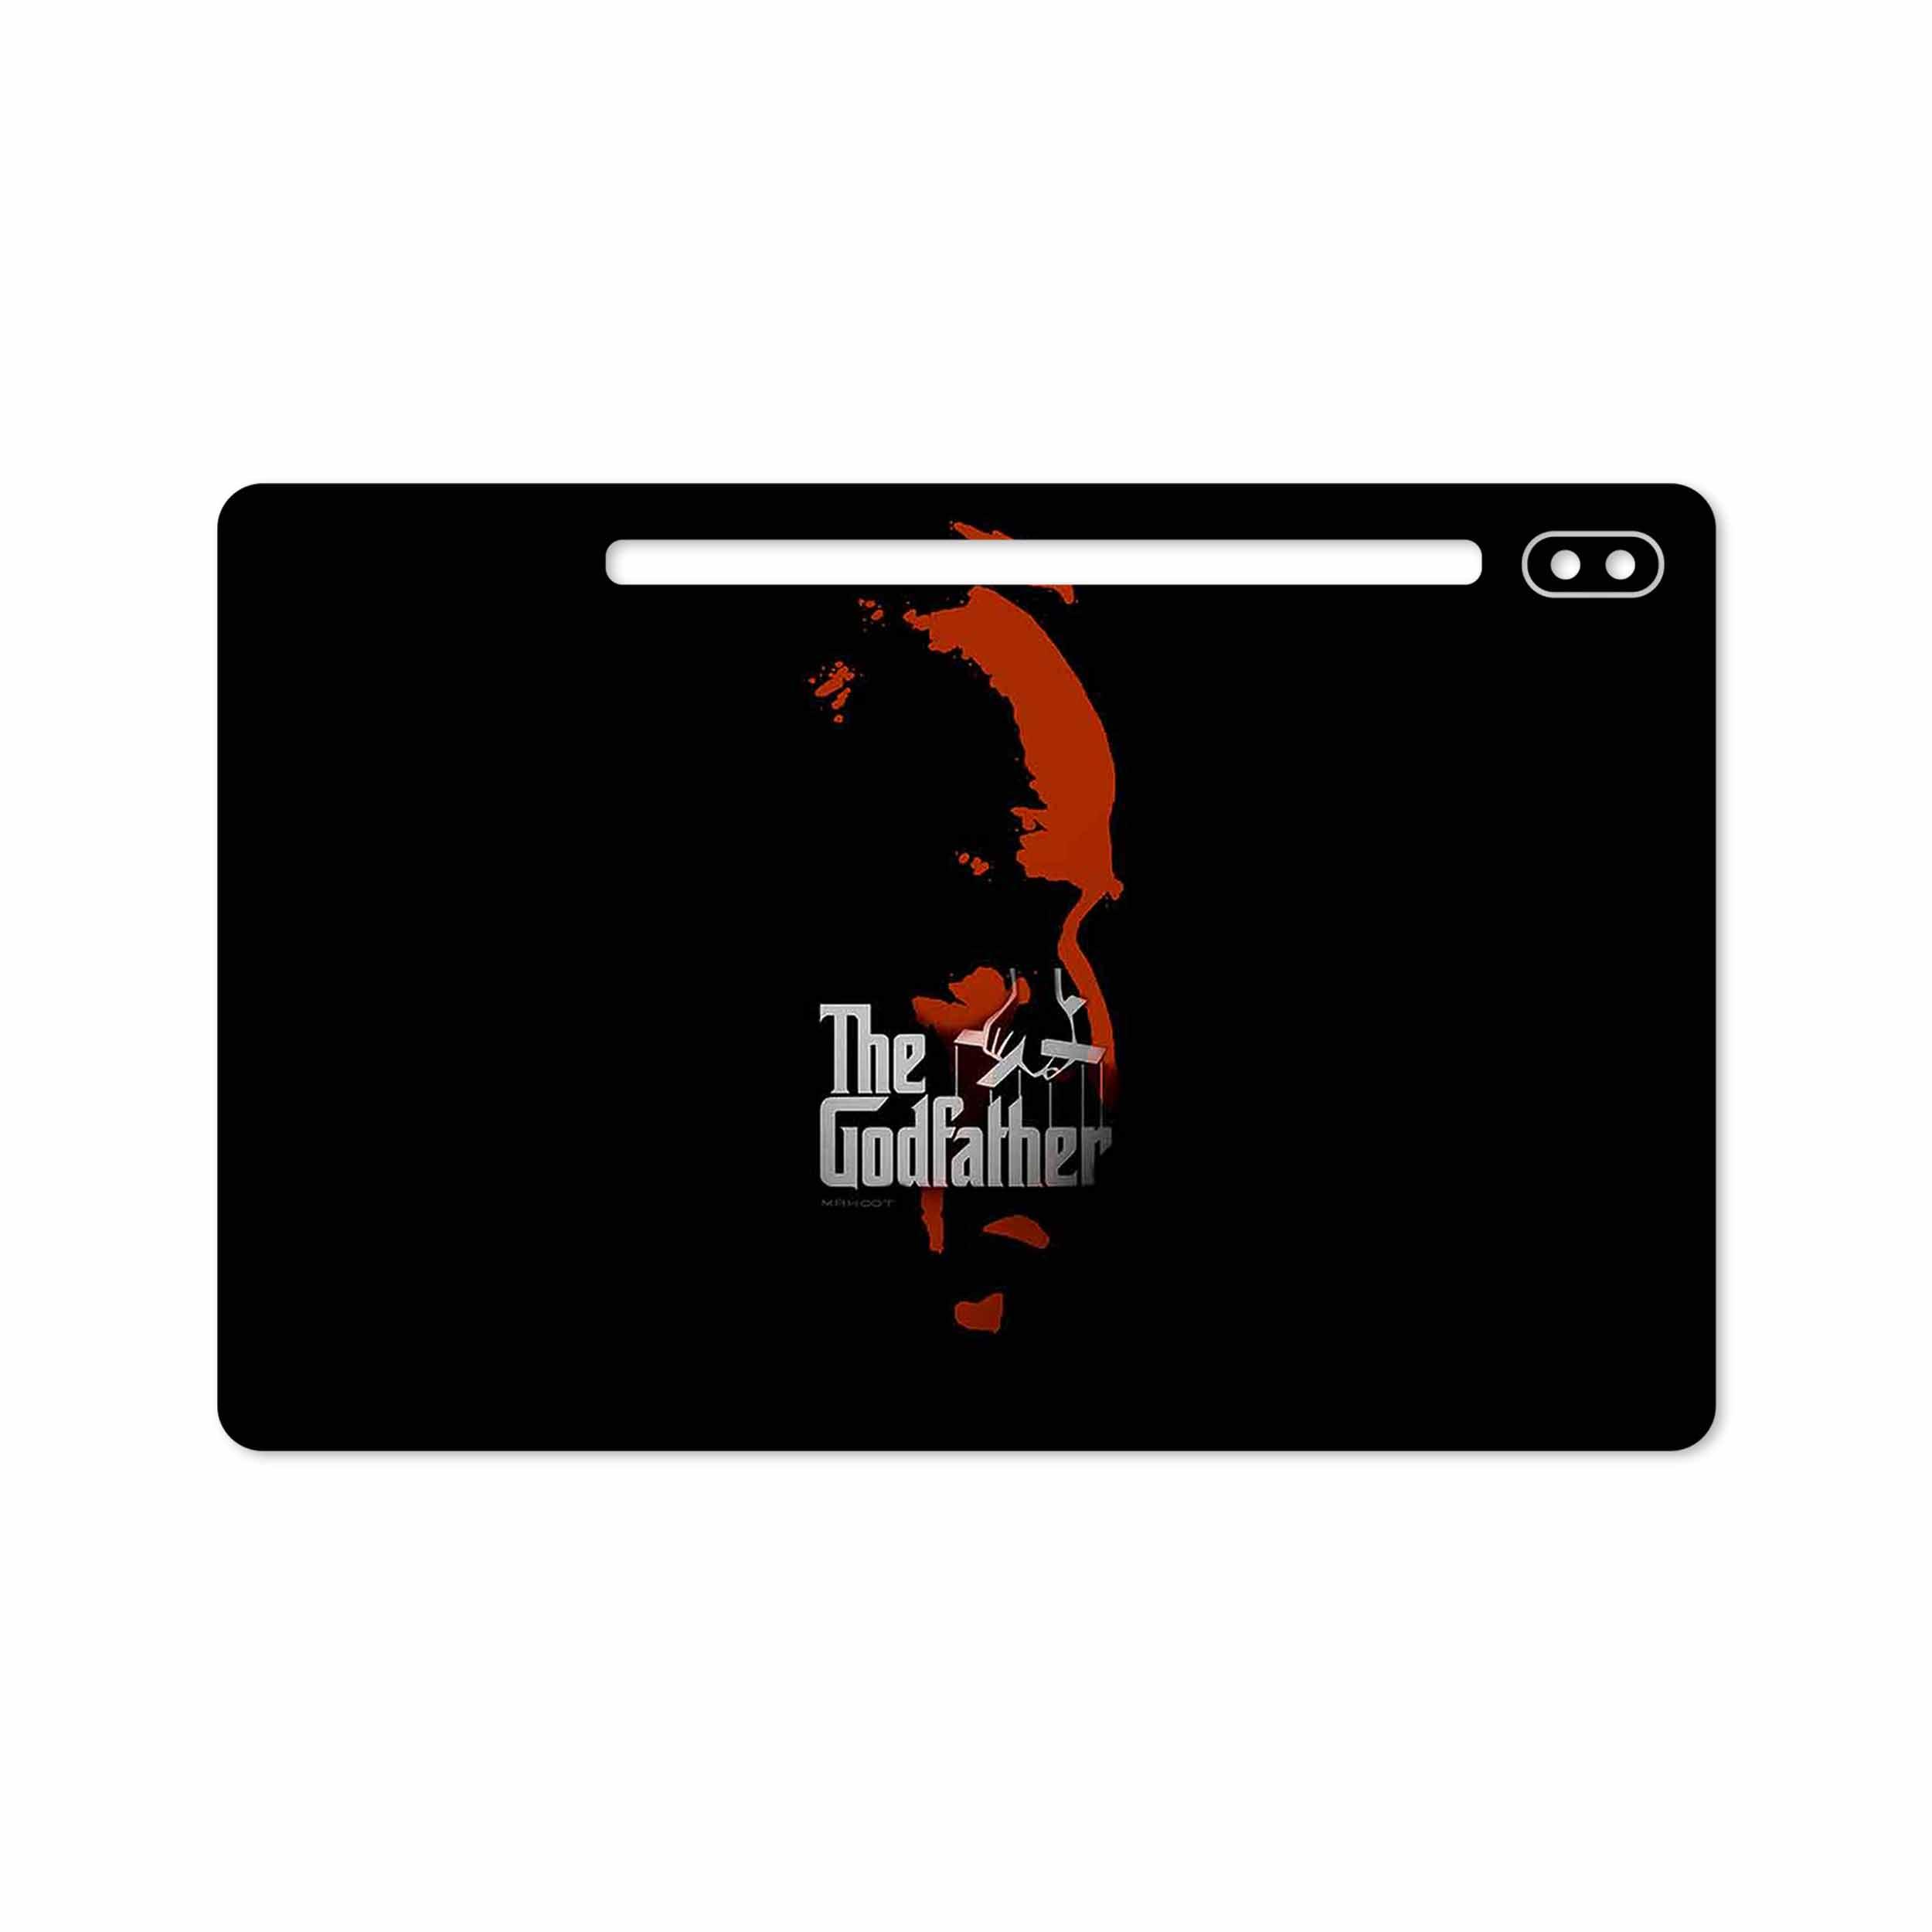 بررسی و خرید [با تخفیف]                                     برچسب پوششی ماهوت مدل The Godfather مناسب برای تبلت سامسونگ Galaxy Tab S6 2019 SM-T865                             اورجینال